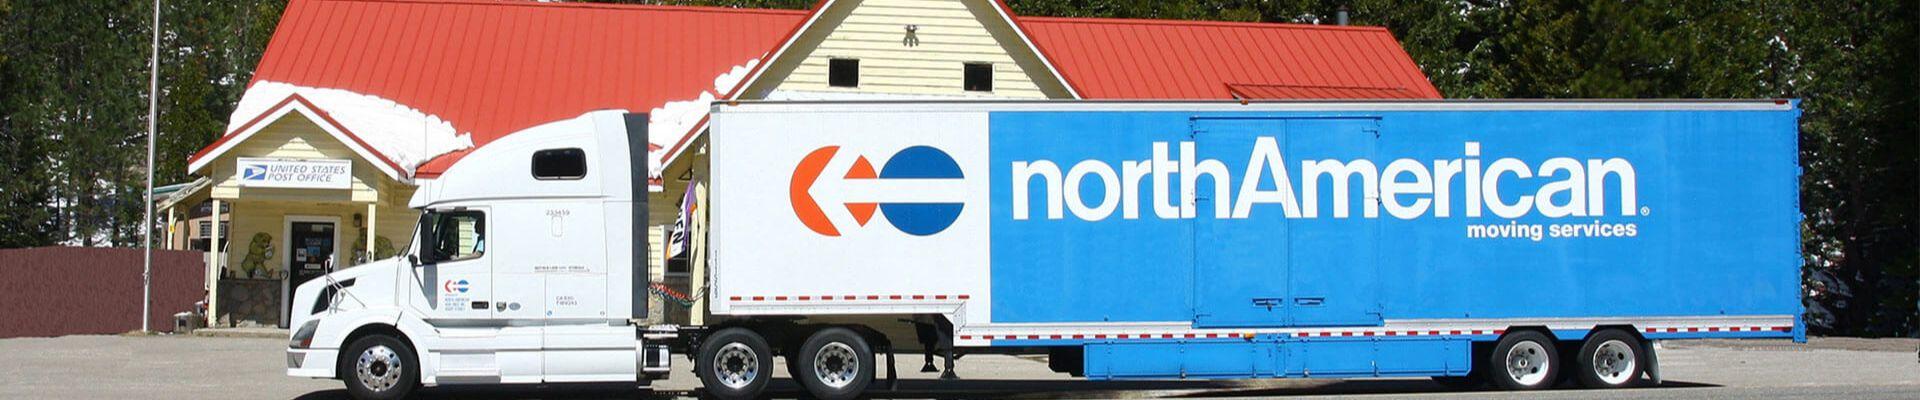 NAVL truck